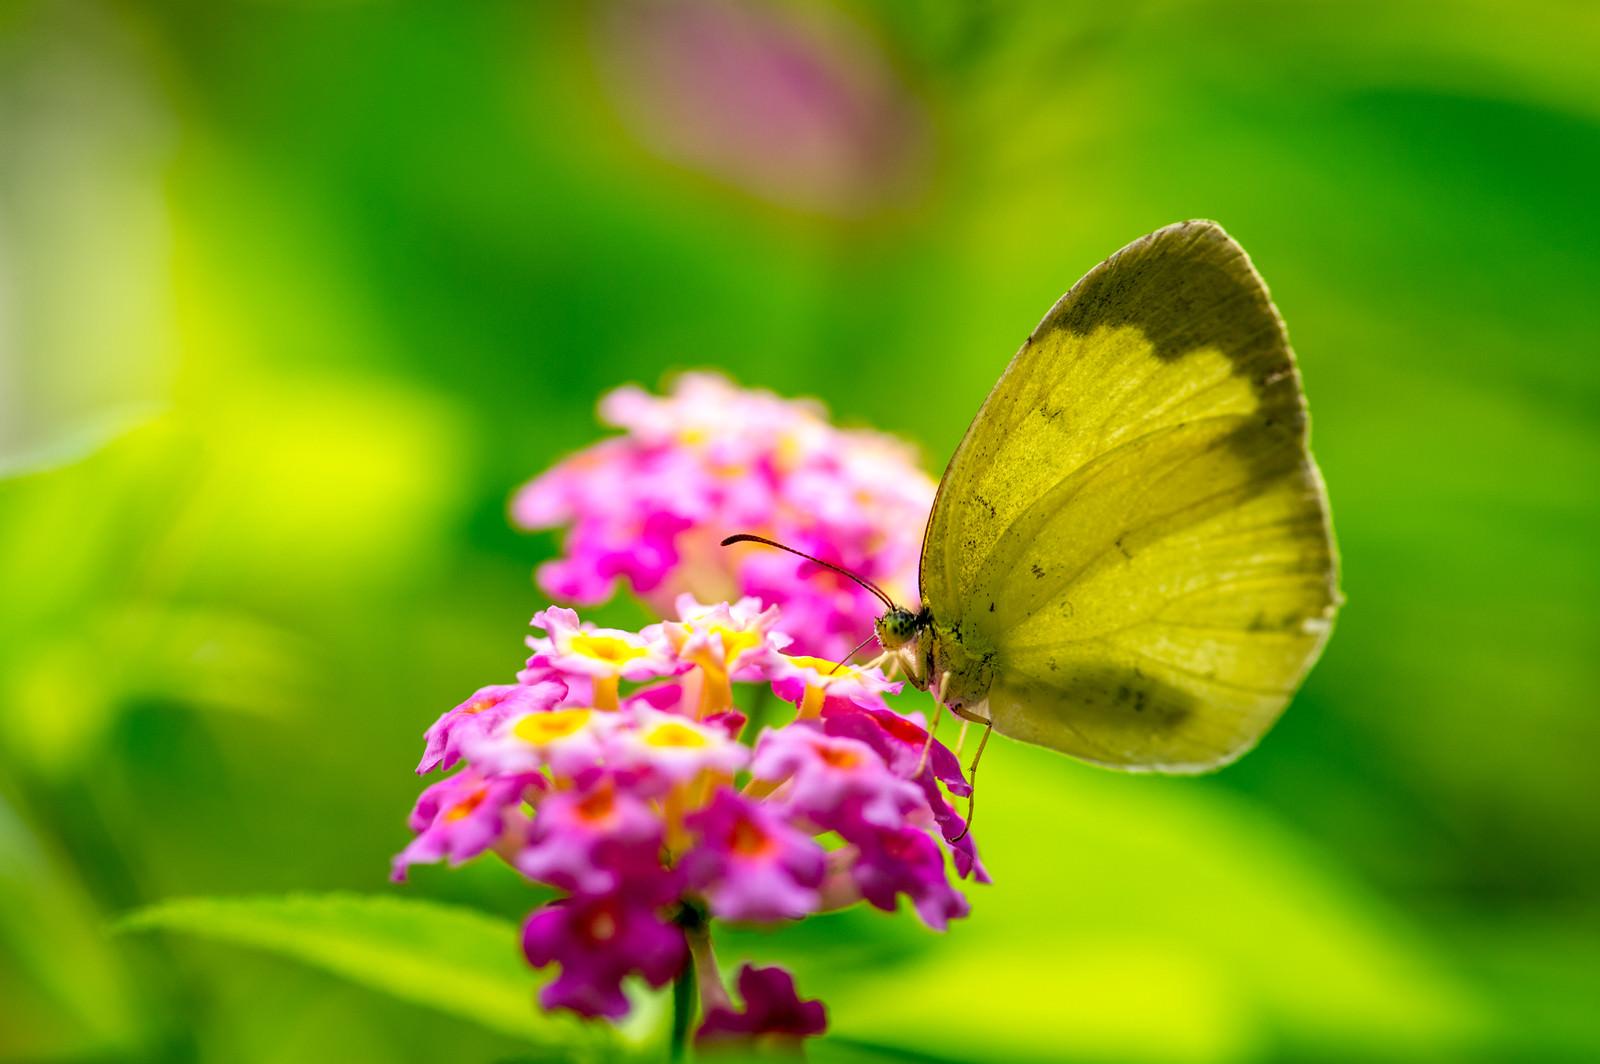 「蜜を吸うキチョウ」の写真